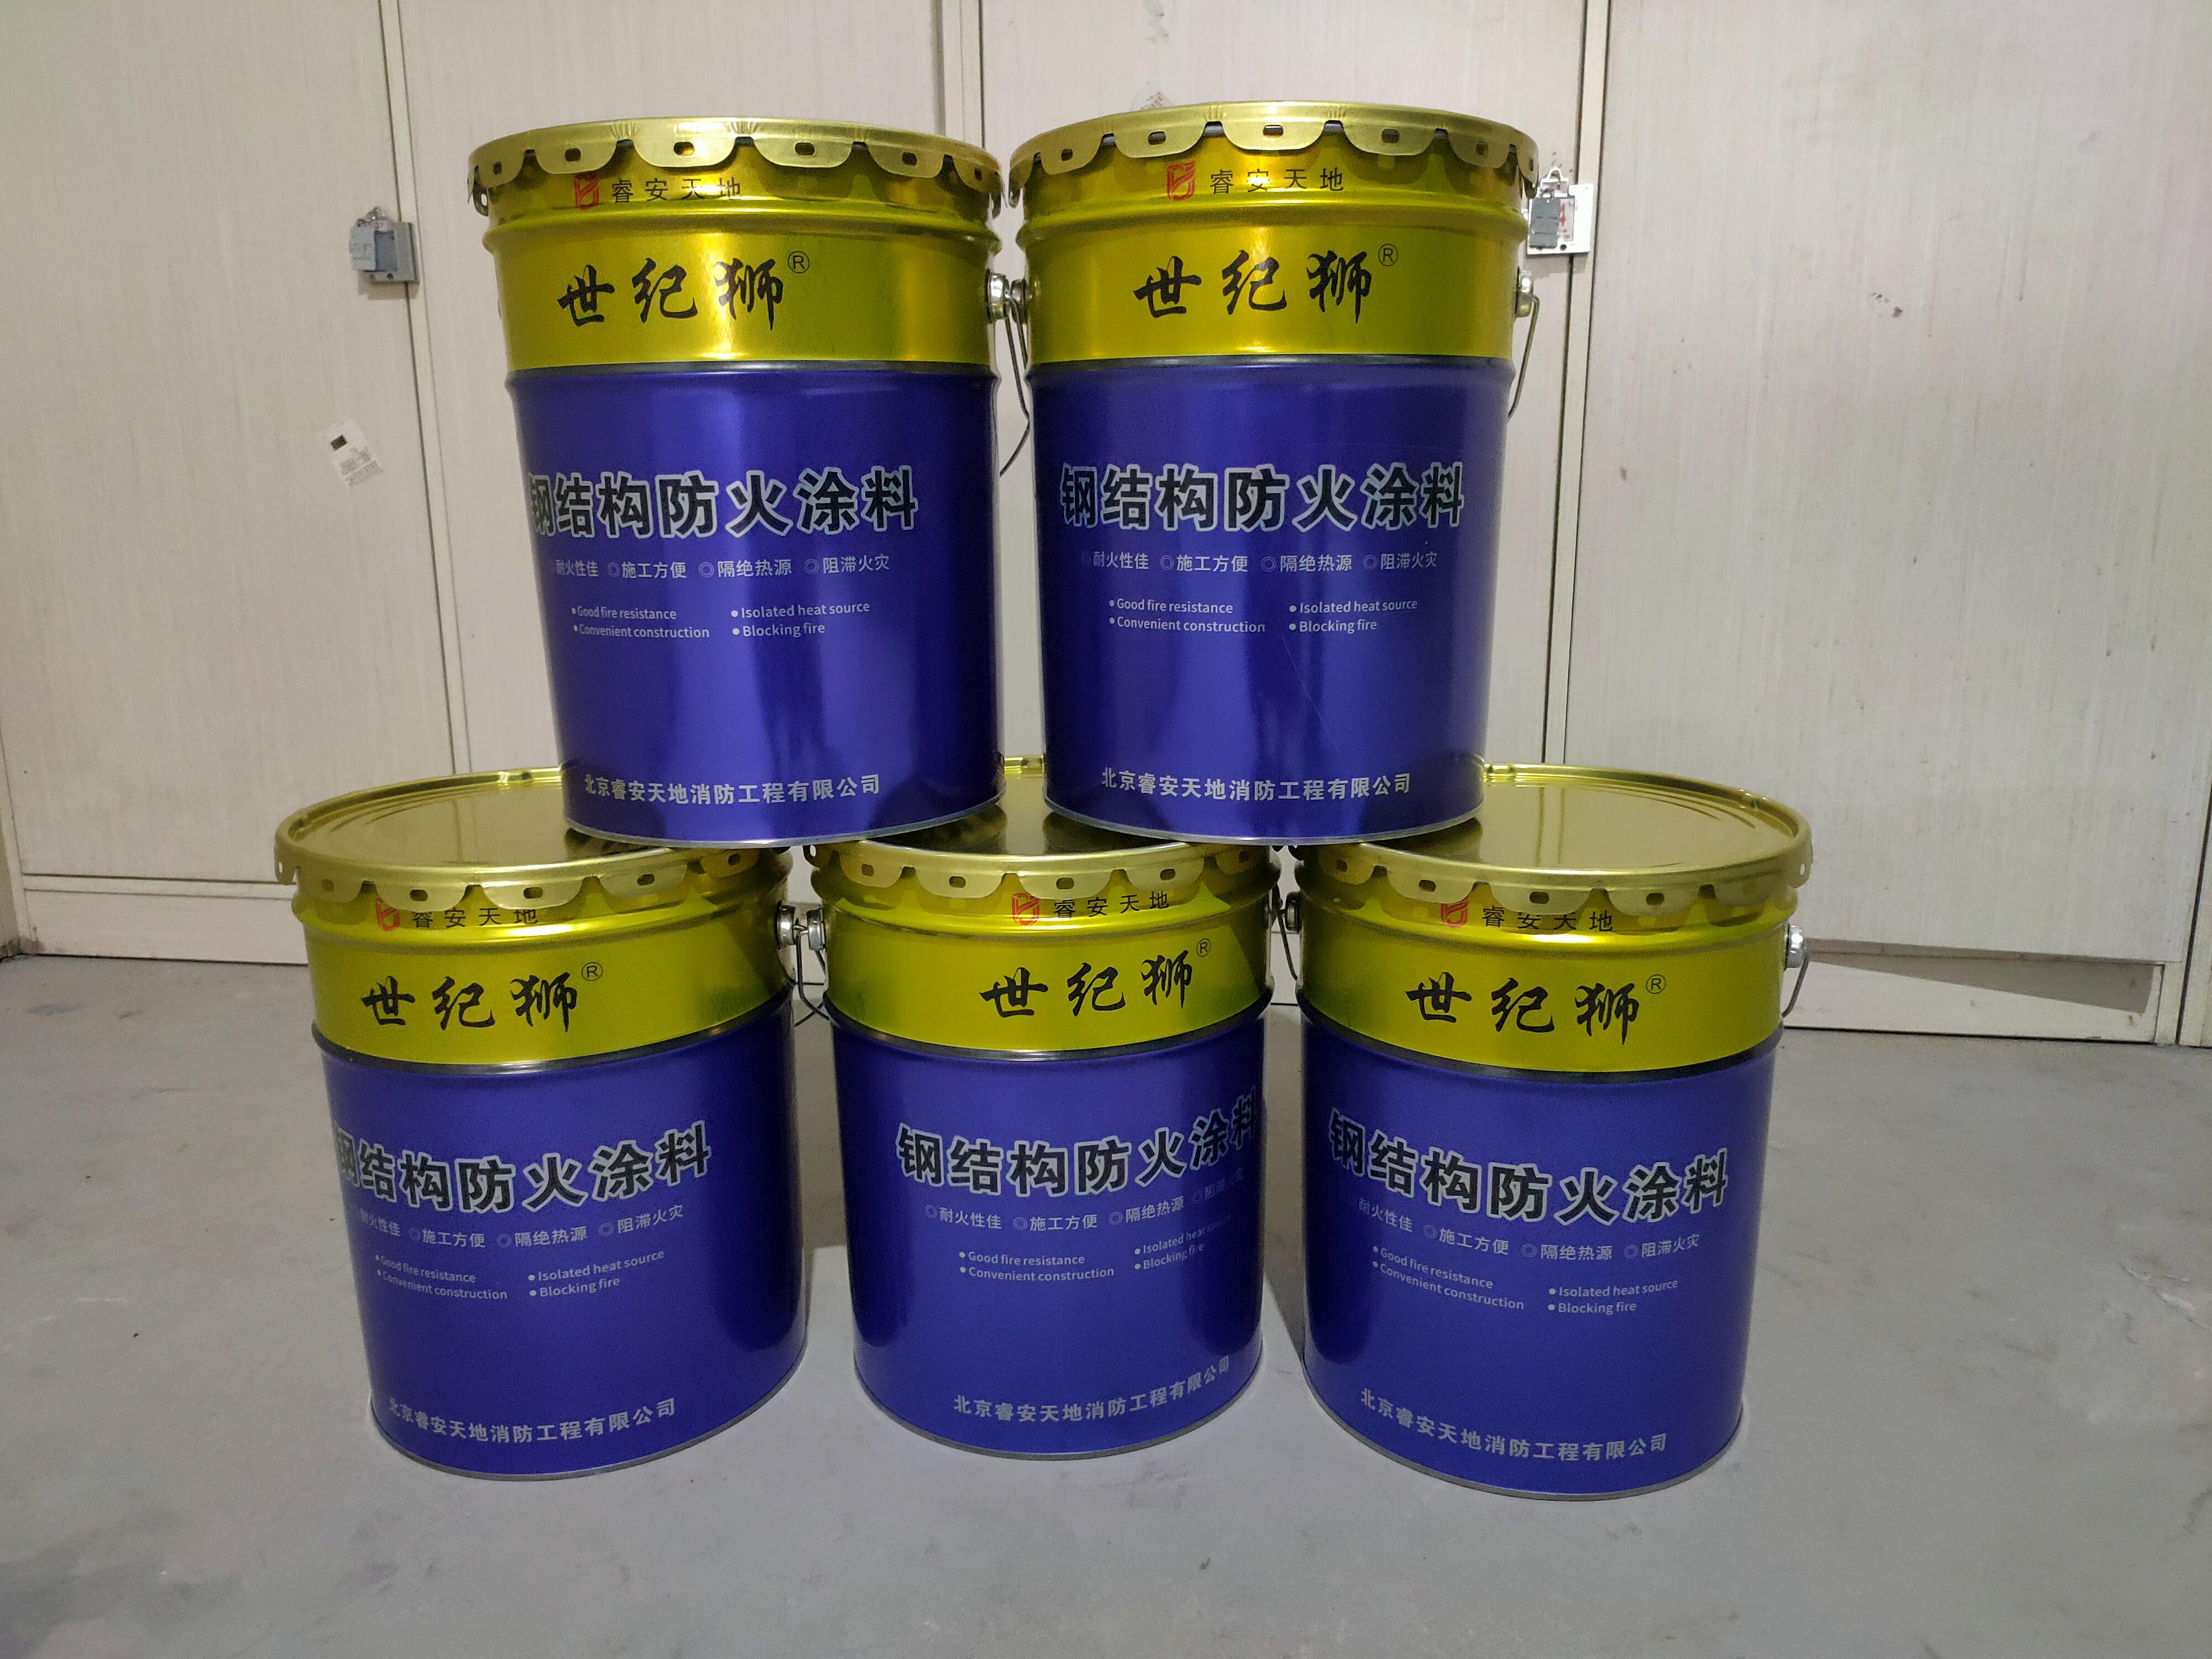 北京市油性防火涂料厂家,防火涂料价格哪里便宜,油性涂料供应商,现货供应